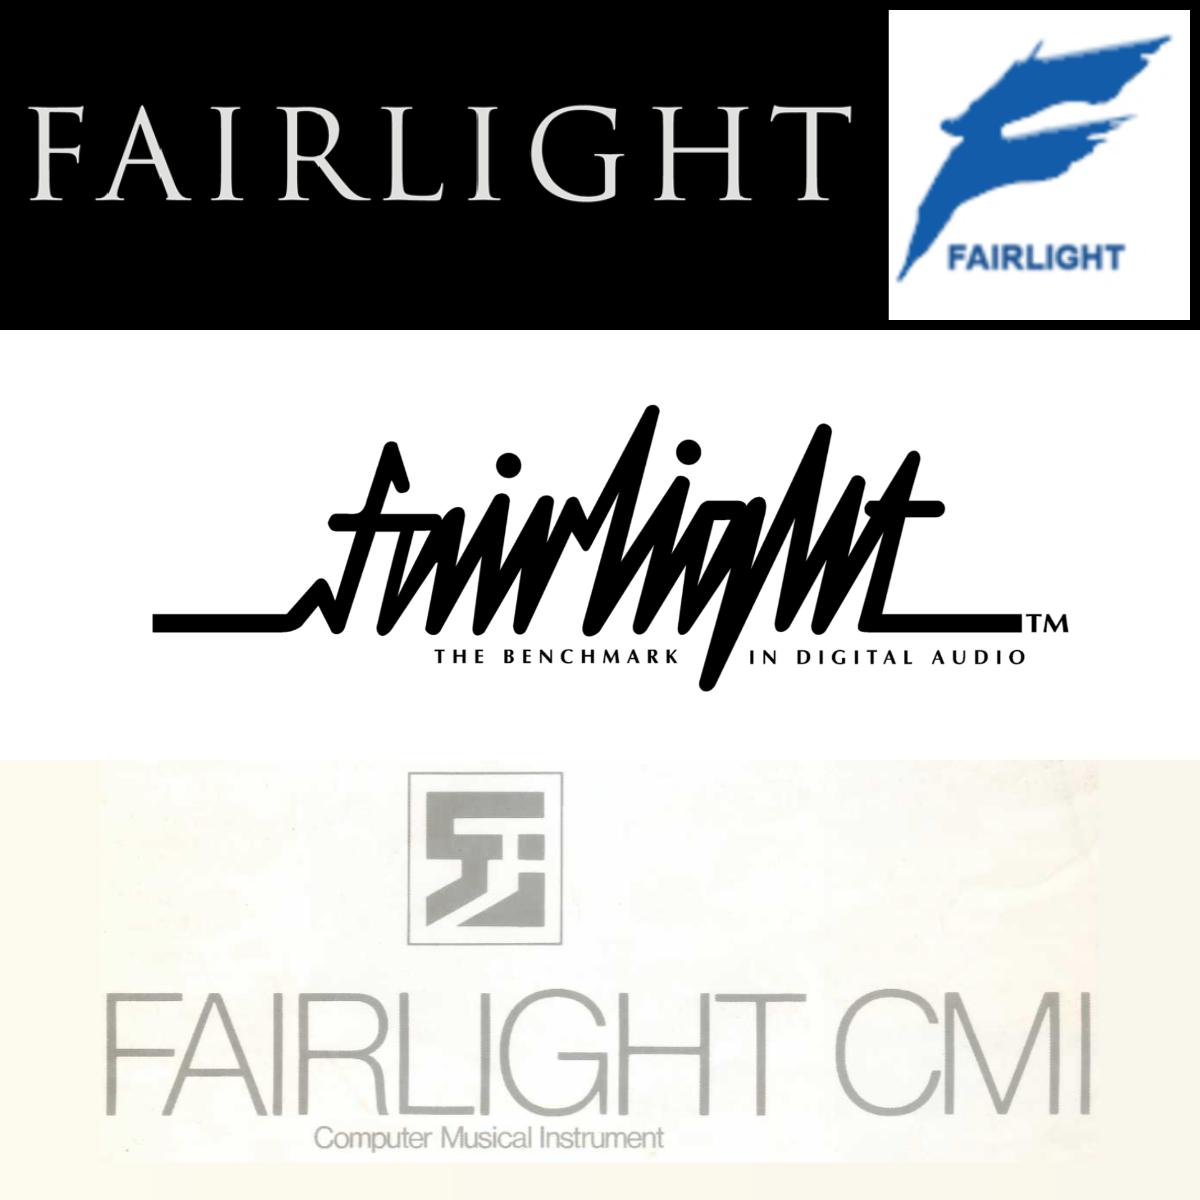 Fairlight Logos over time